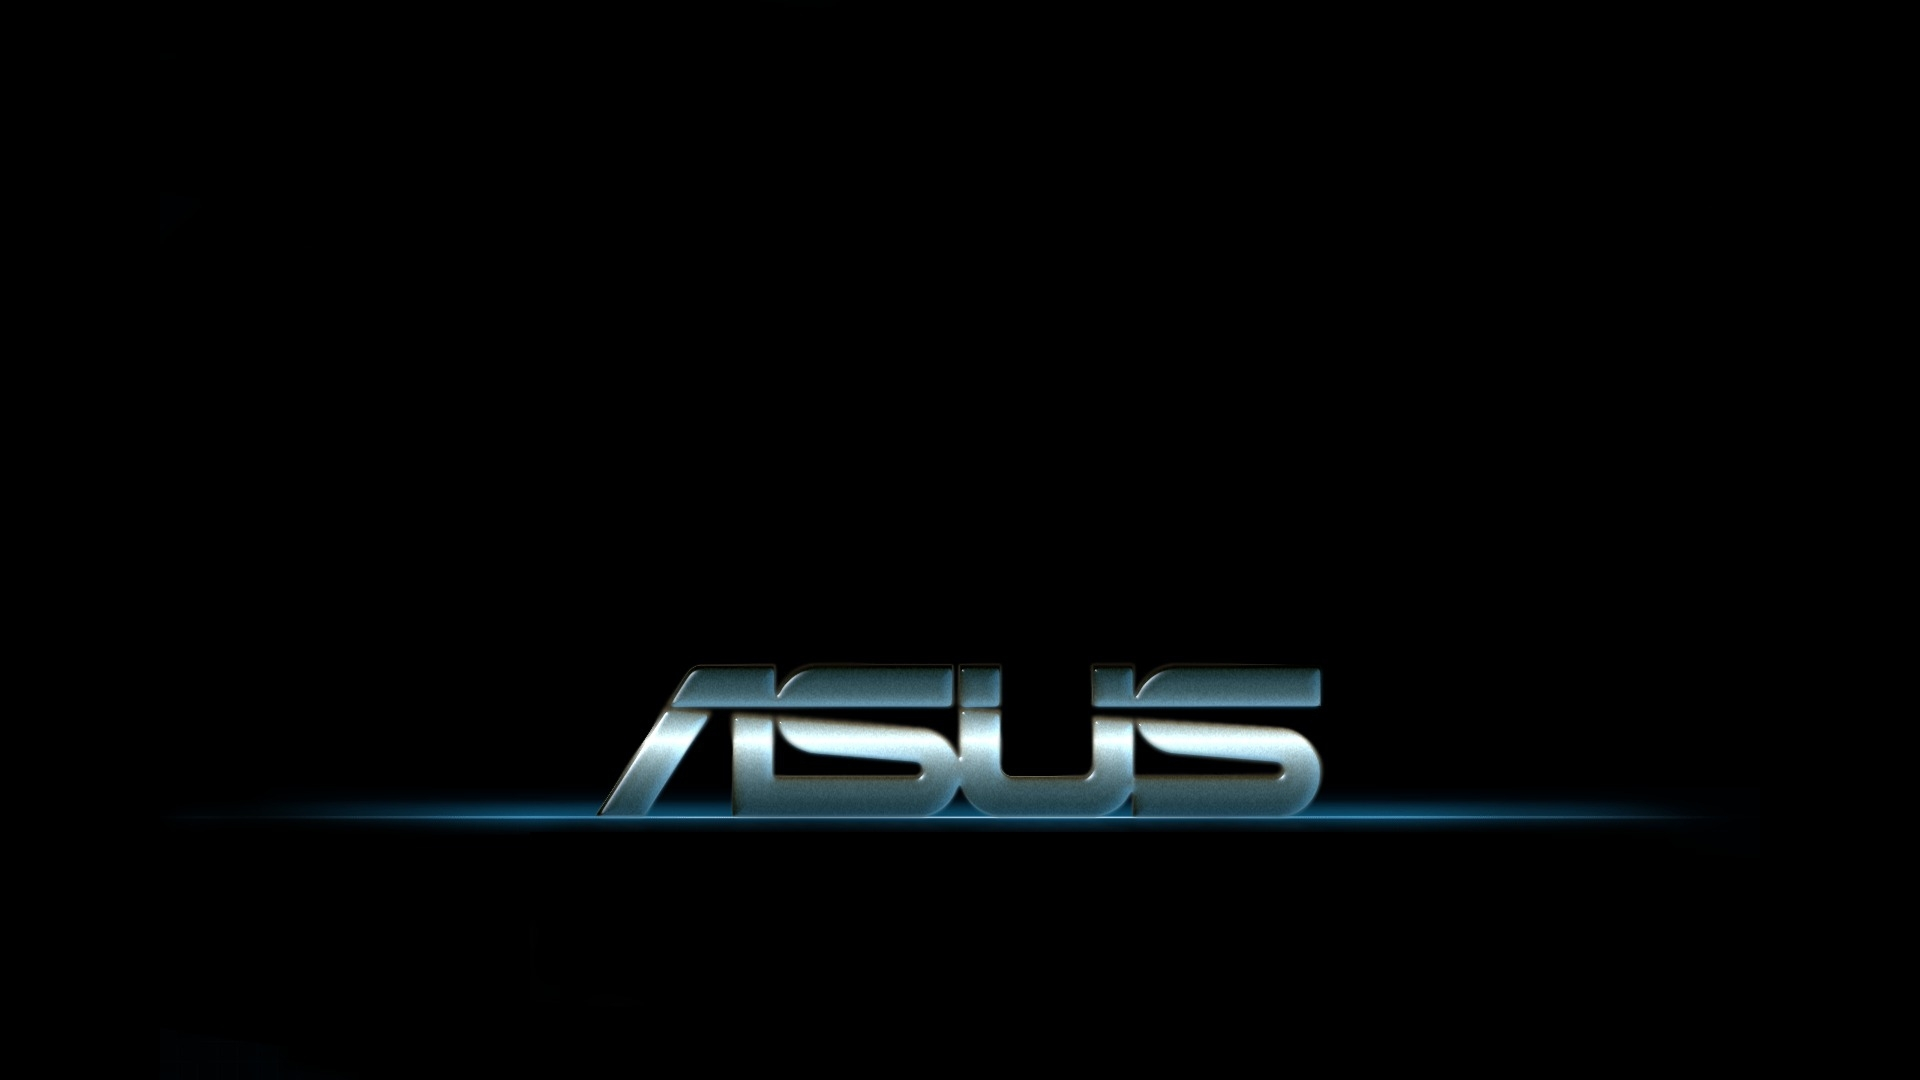 71 ] Asus Desktop Wallpaper On WallpaperSafari